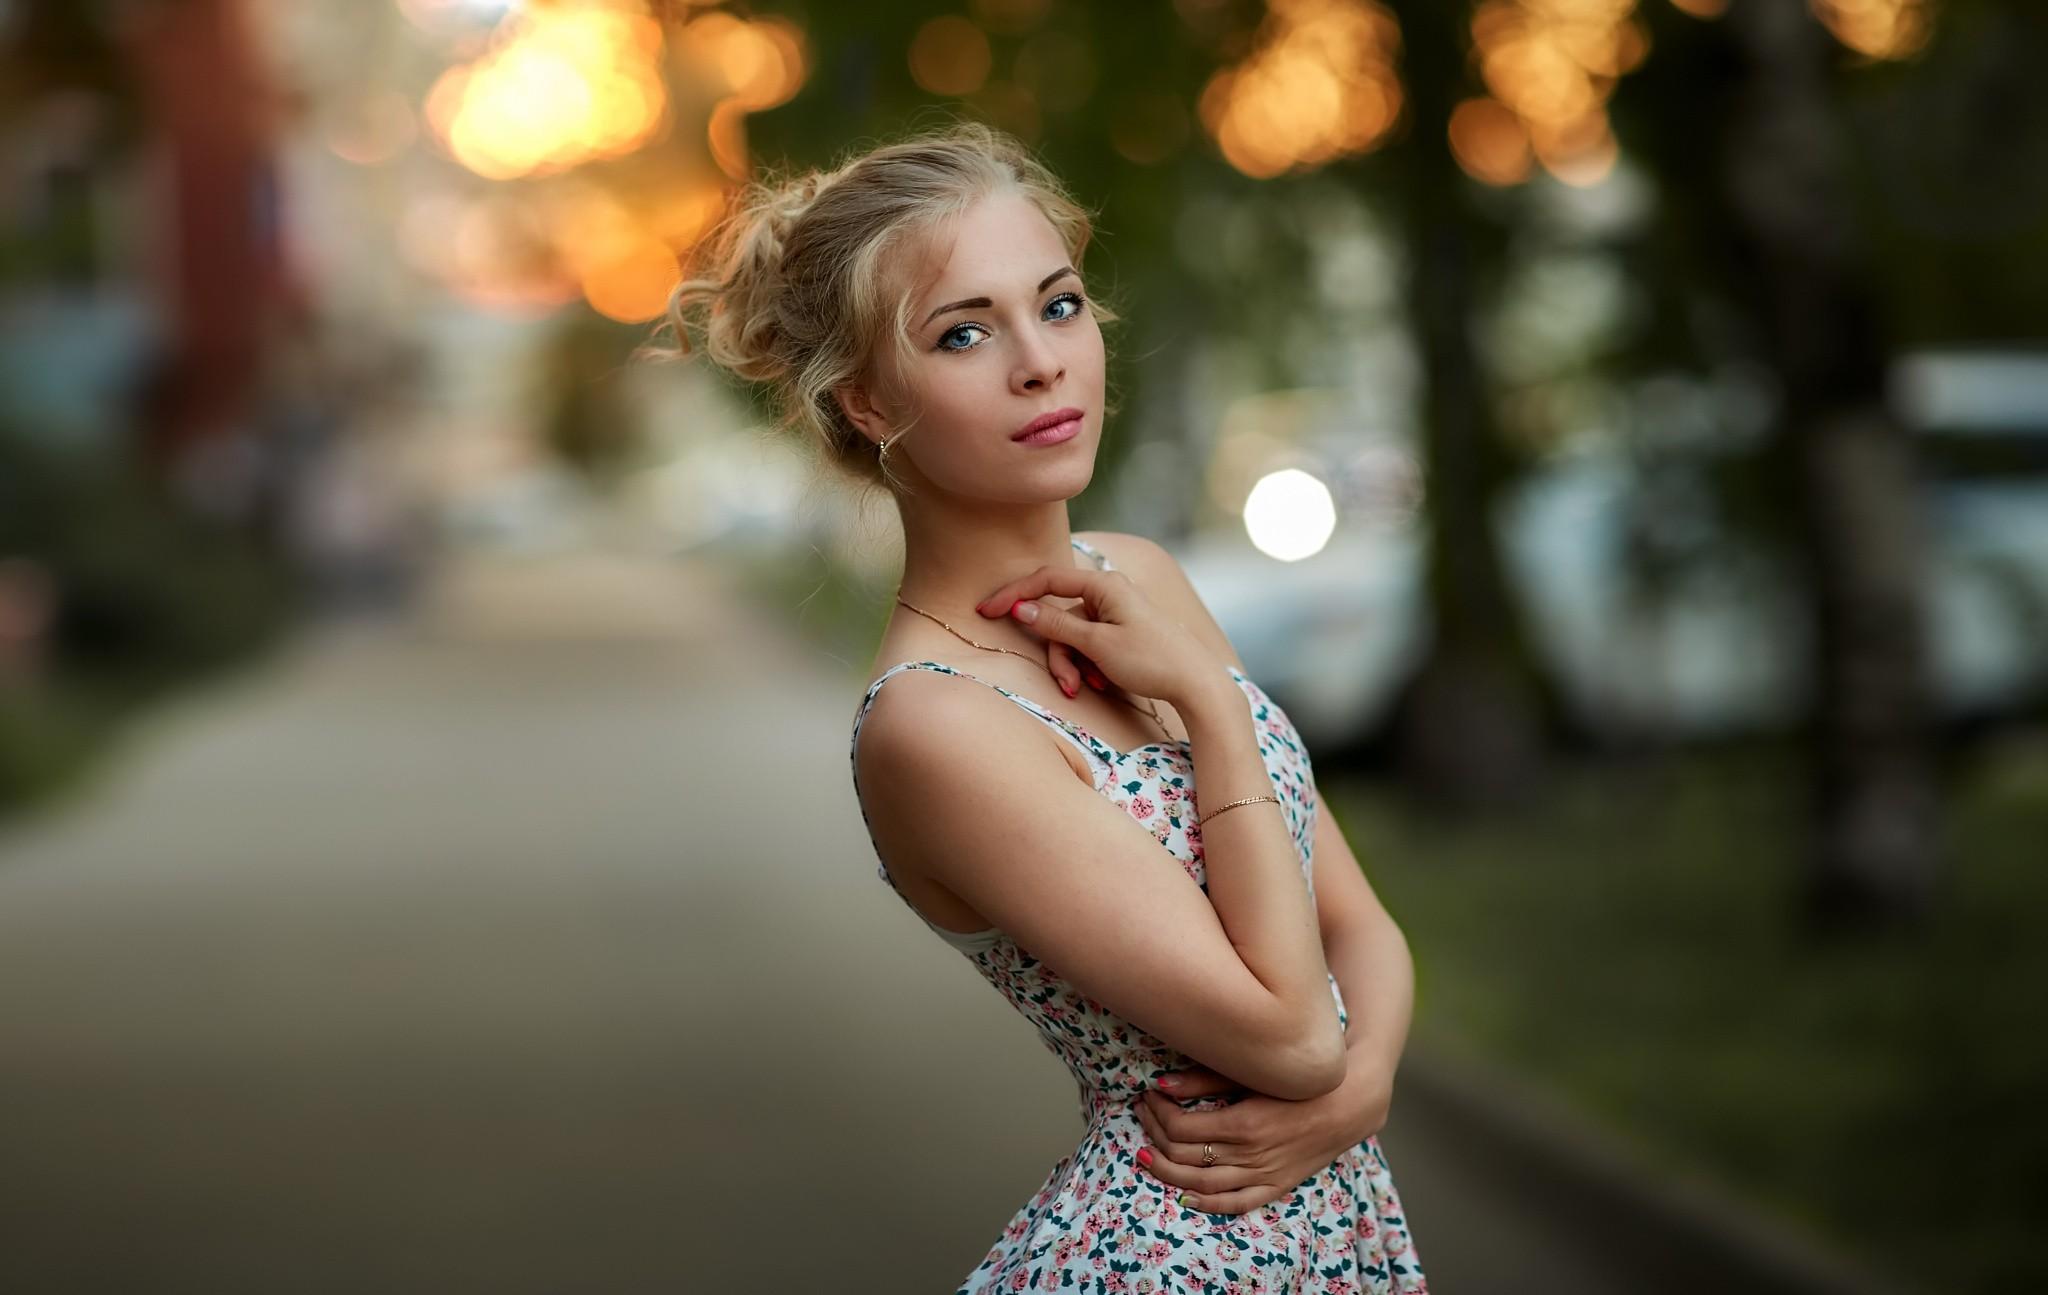 Как фотографировать портрет с размытым фоном